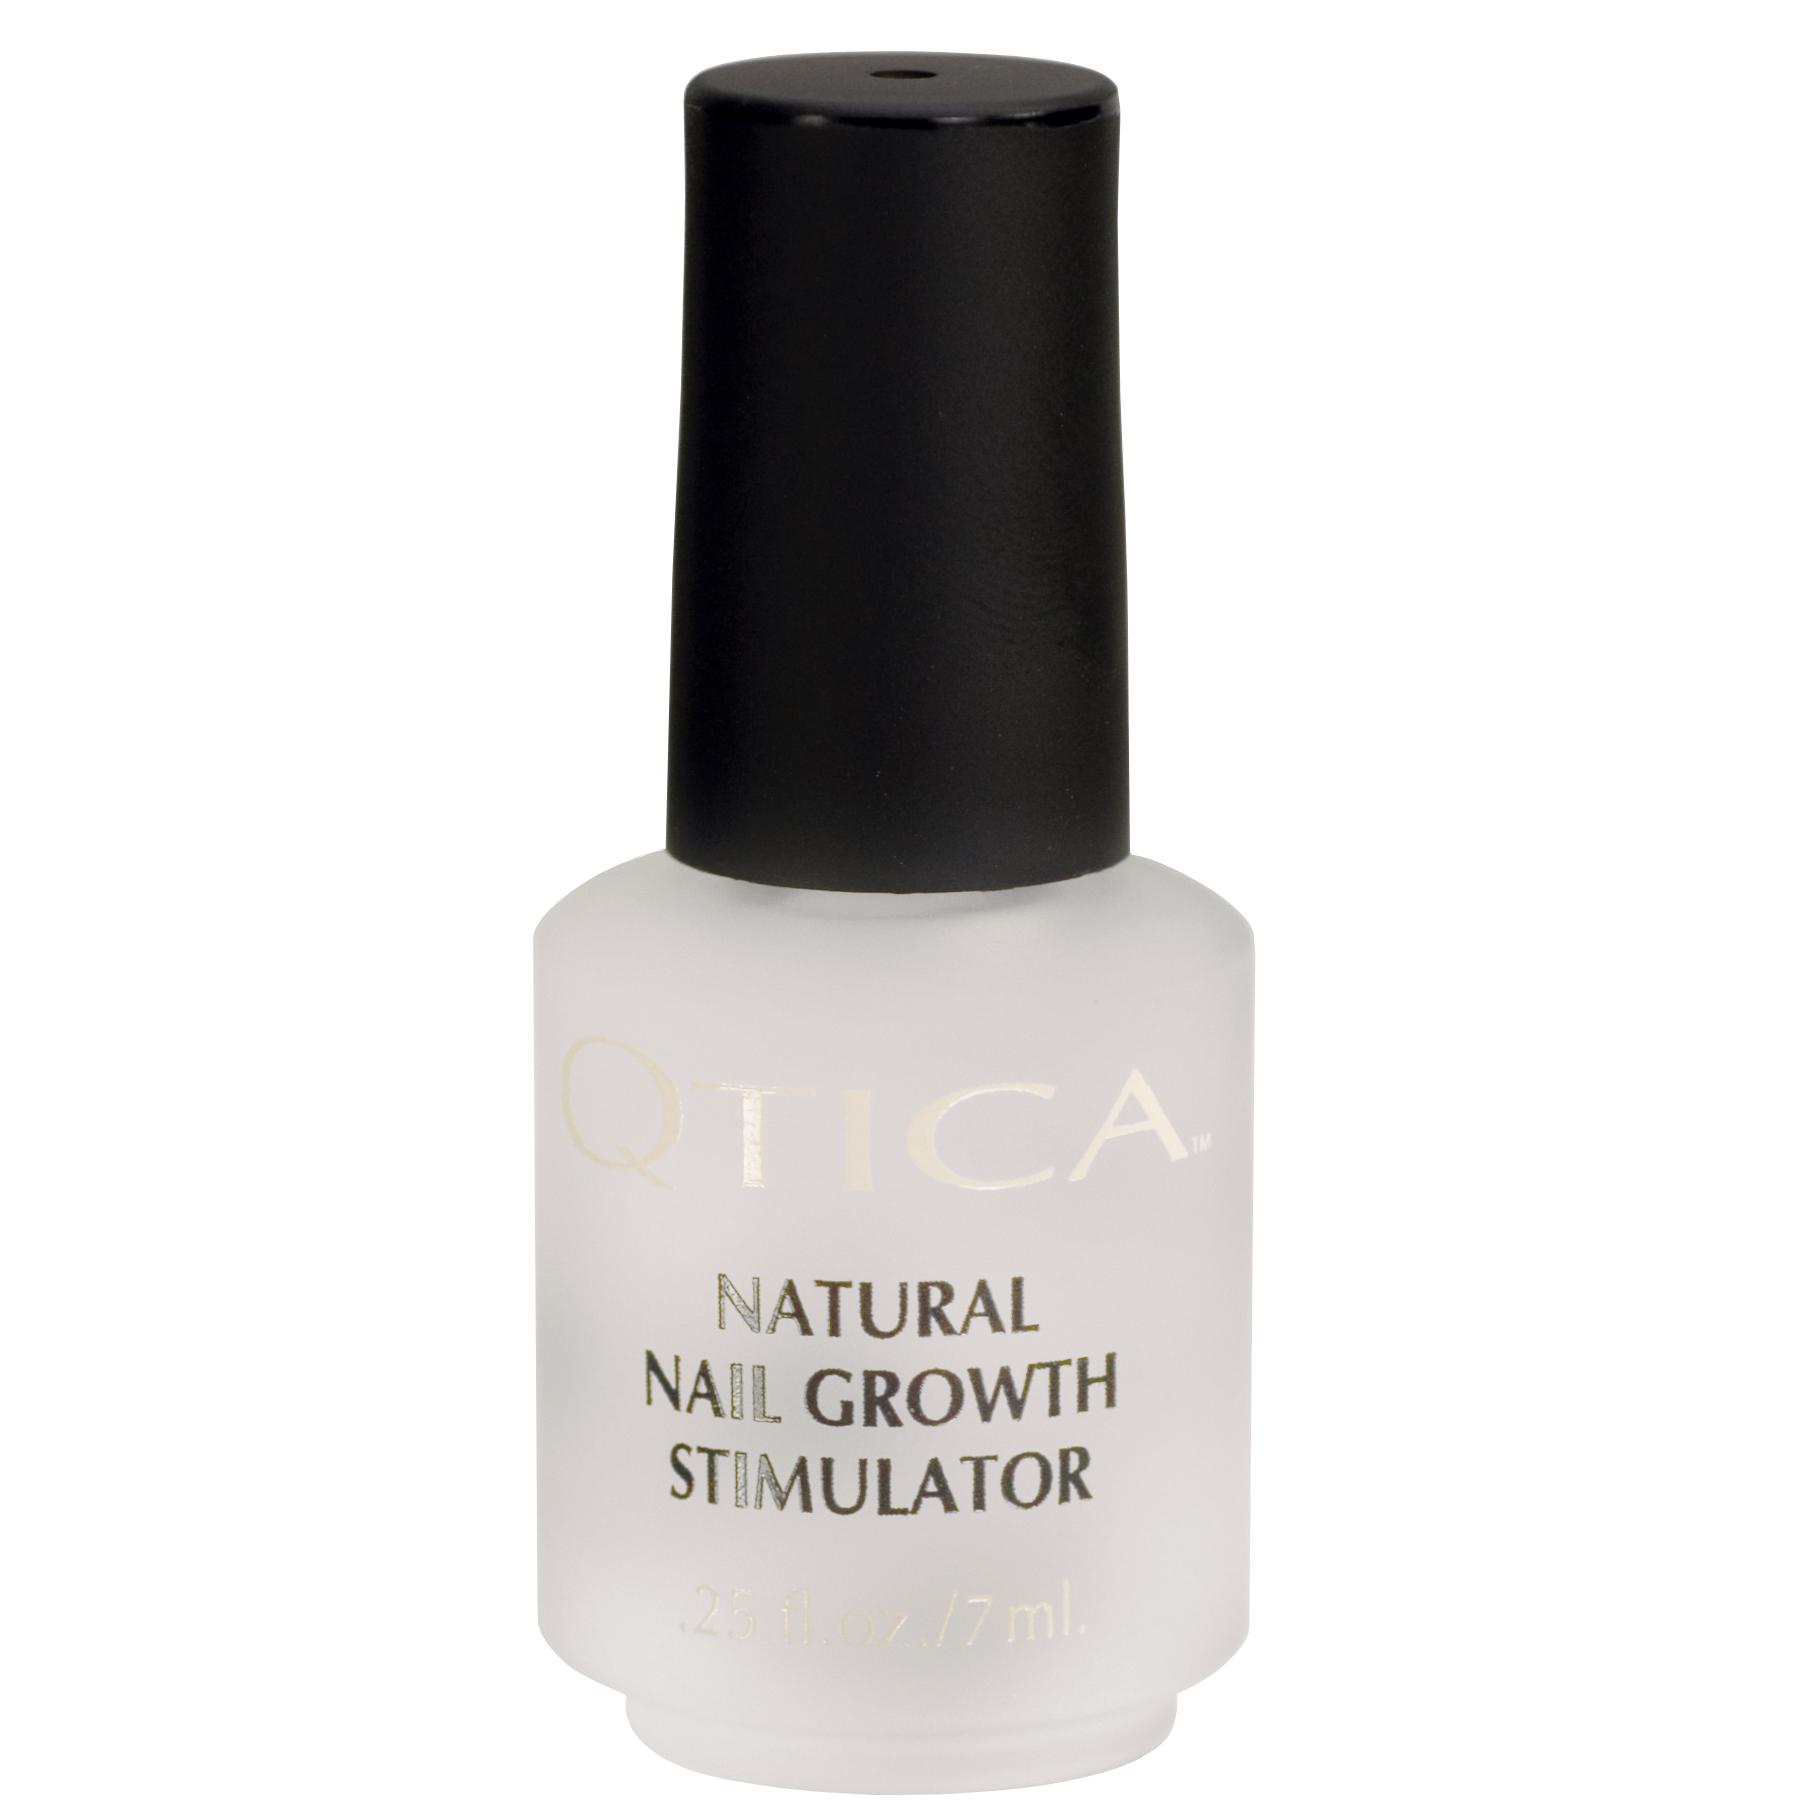 Qtica Nail Growth Stimulator  product-reel